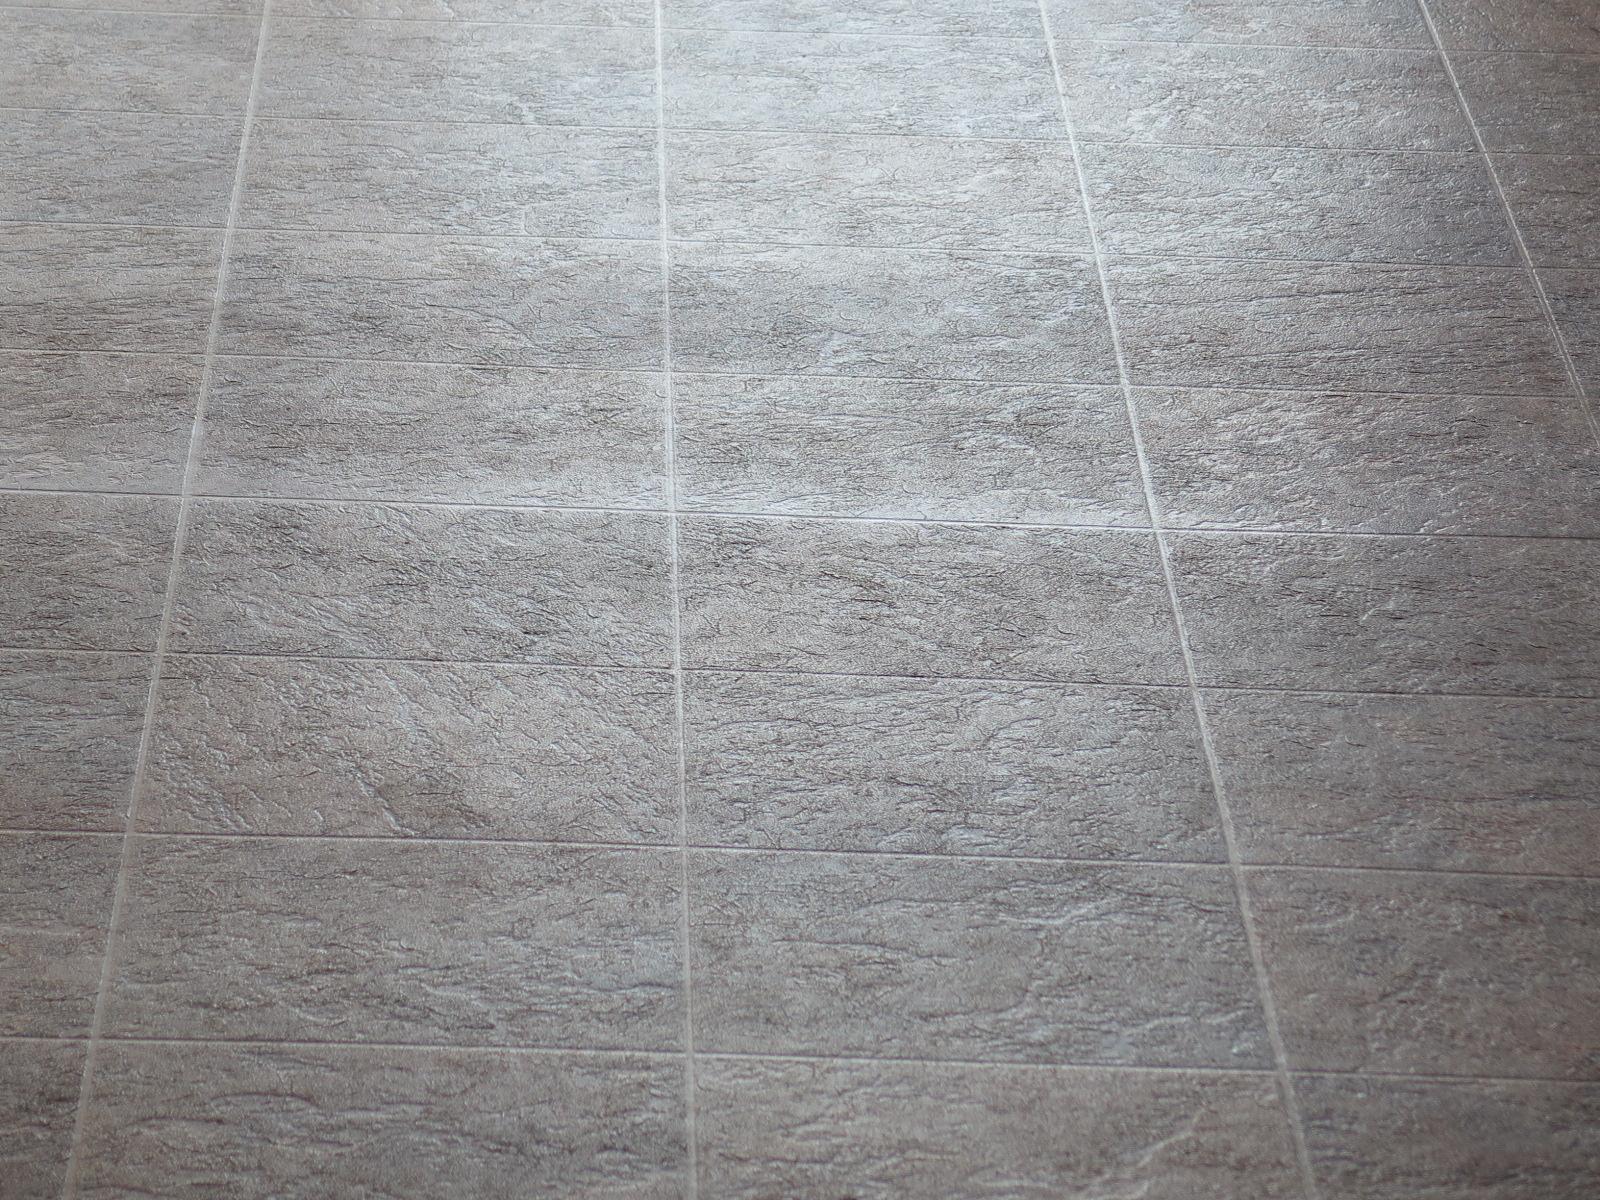 Sheen variation at sheet vinyl seam